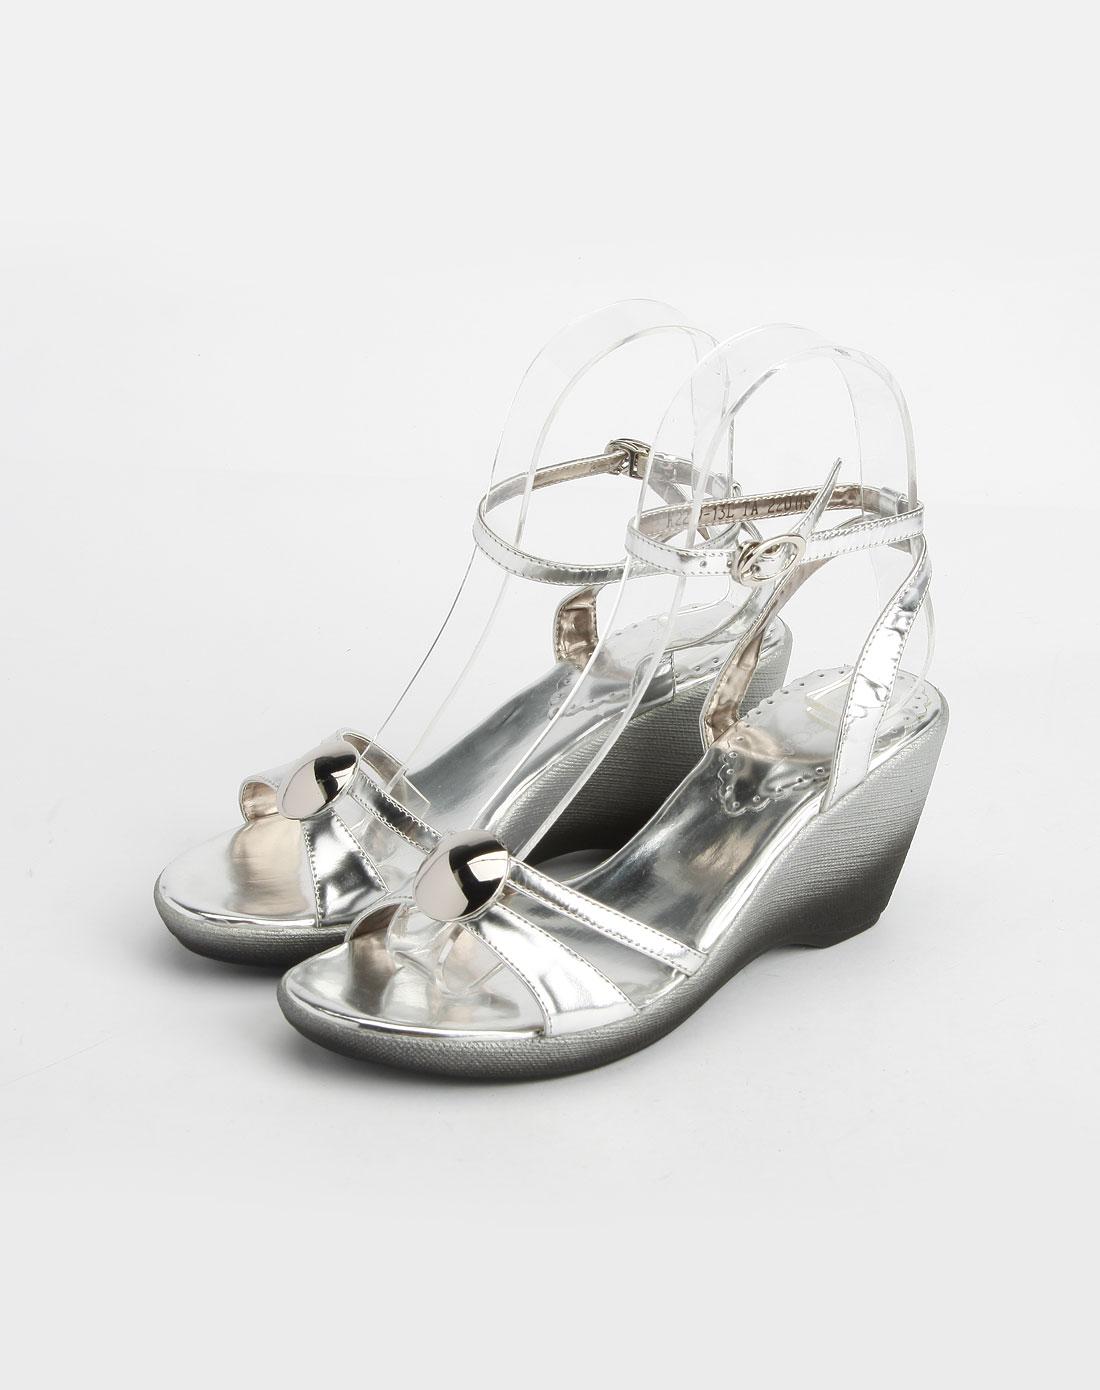 银色时尚坡跟凉鞋_kisscat官网特价1.5-3.9折